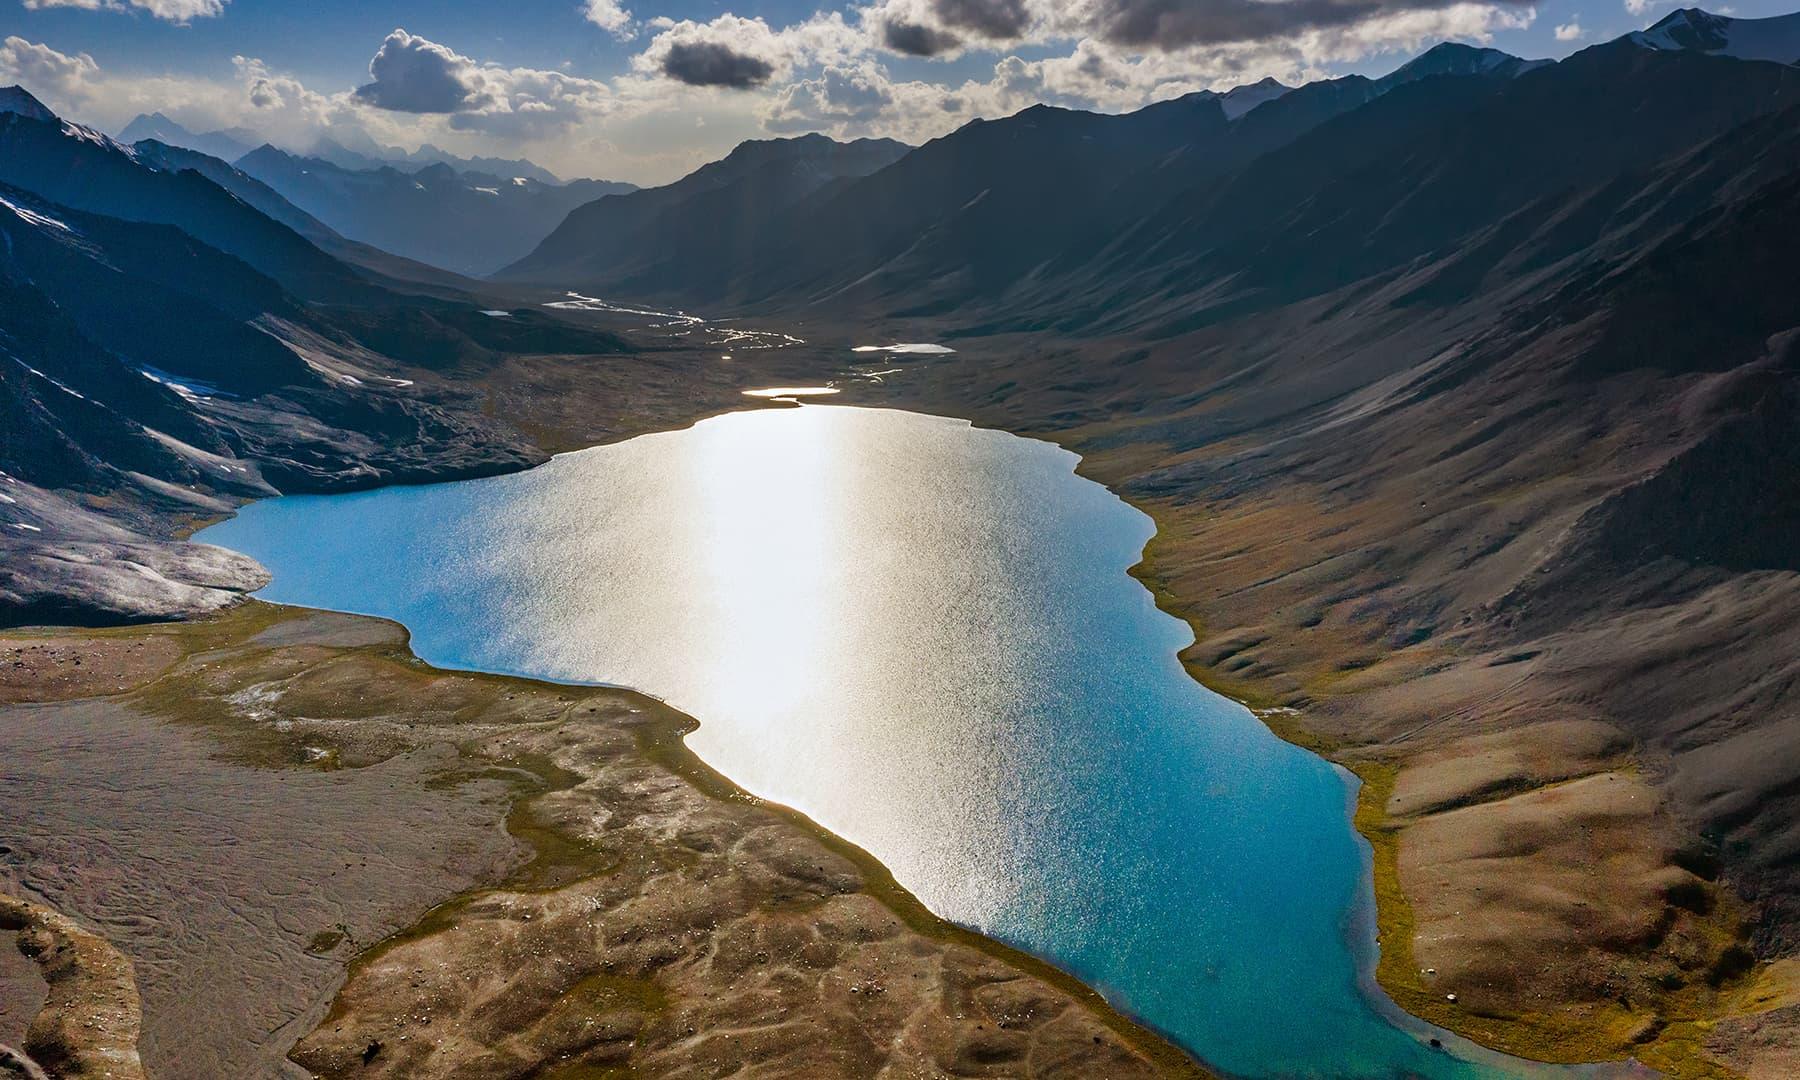 کرومبر جھیل کا فضائی نظارہ—سید مہدی بخاری